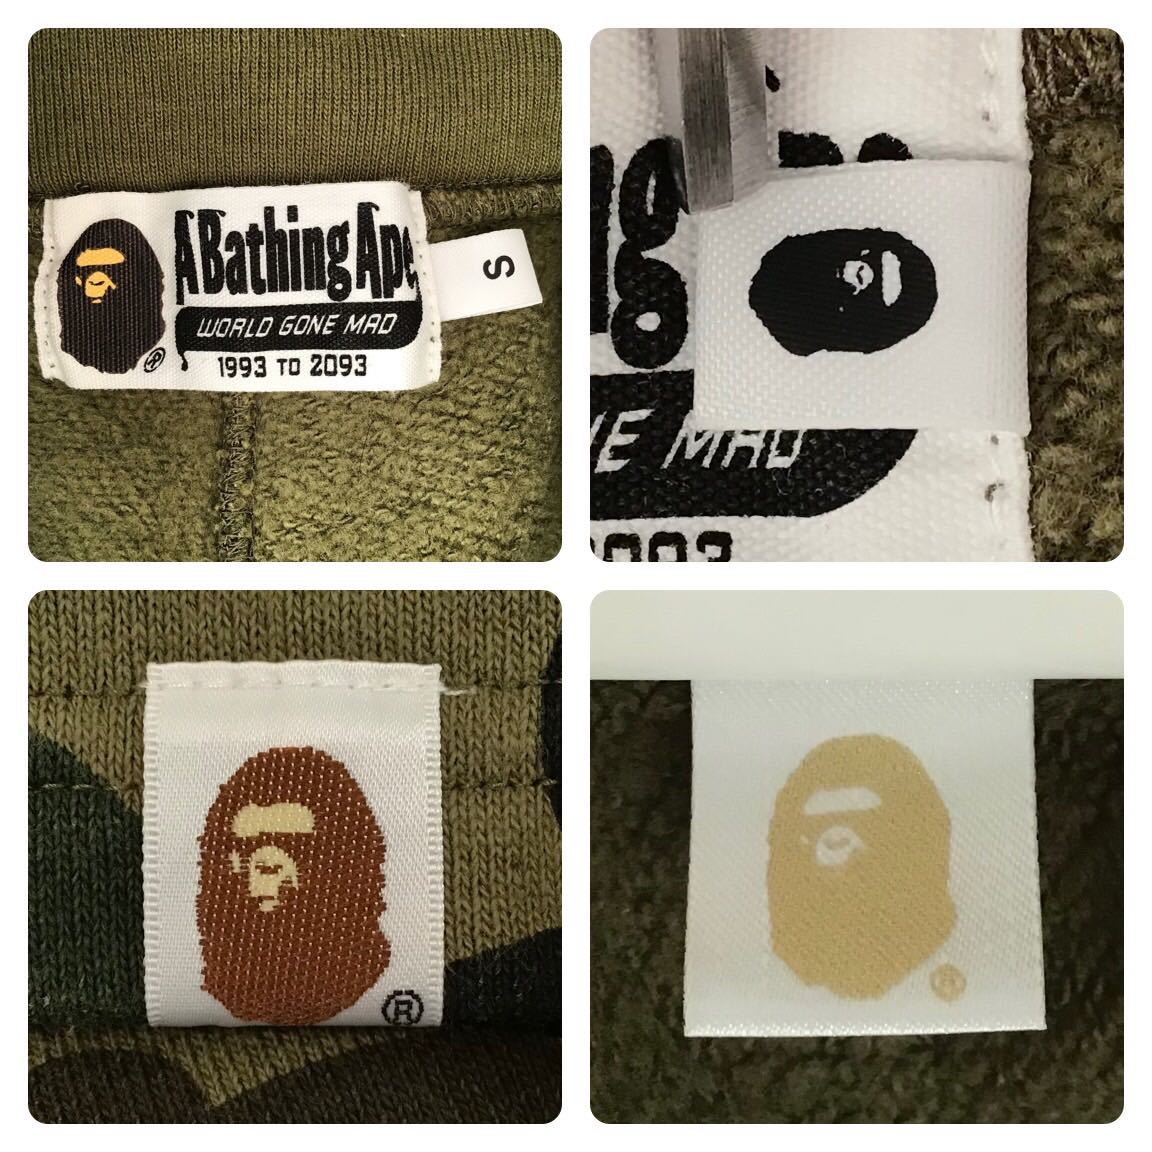 1st camo green シャーク ハーフパンツ Sサイズ a bathing ape BAPE shark shorts ショーツ エイプ ベイプ アベイシングエイプ 迷彩 2ja4